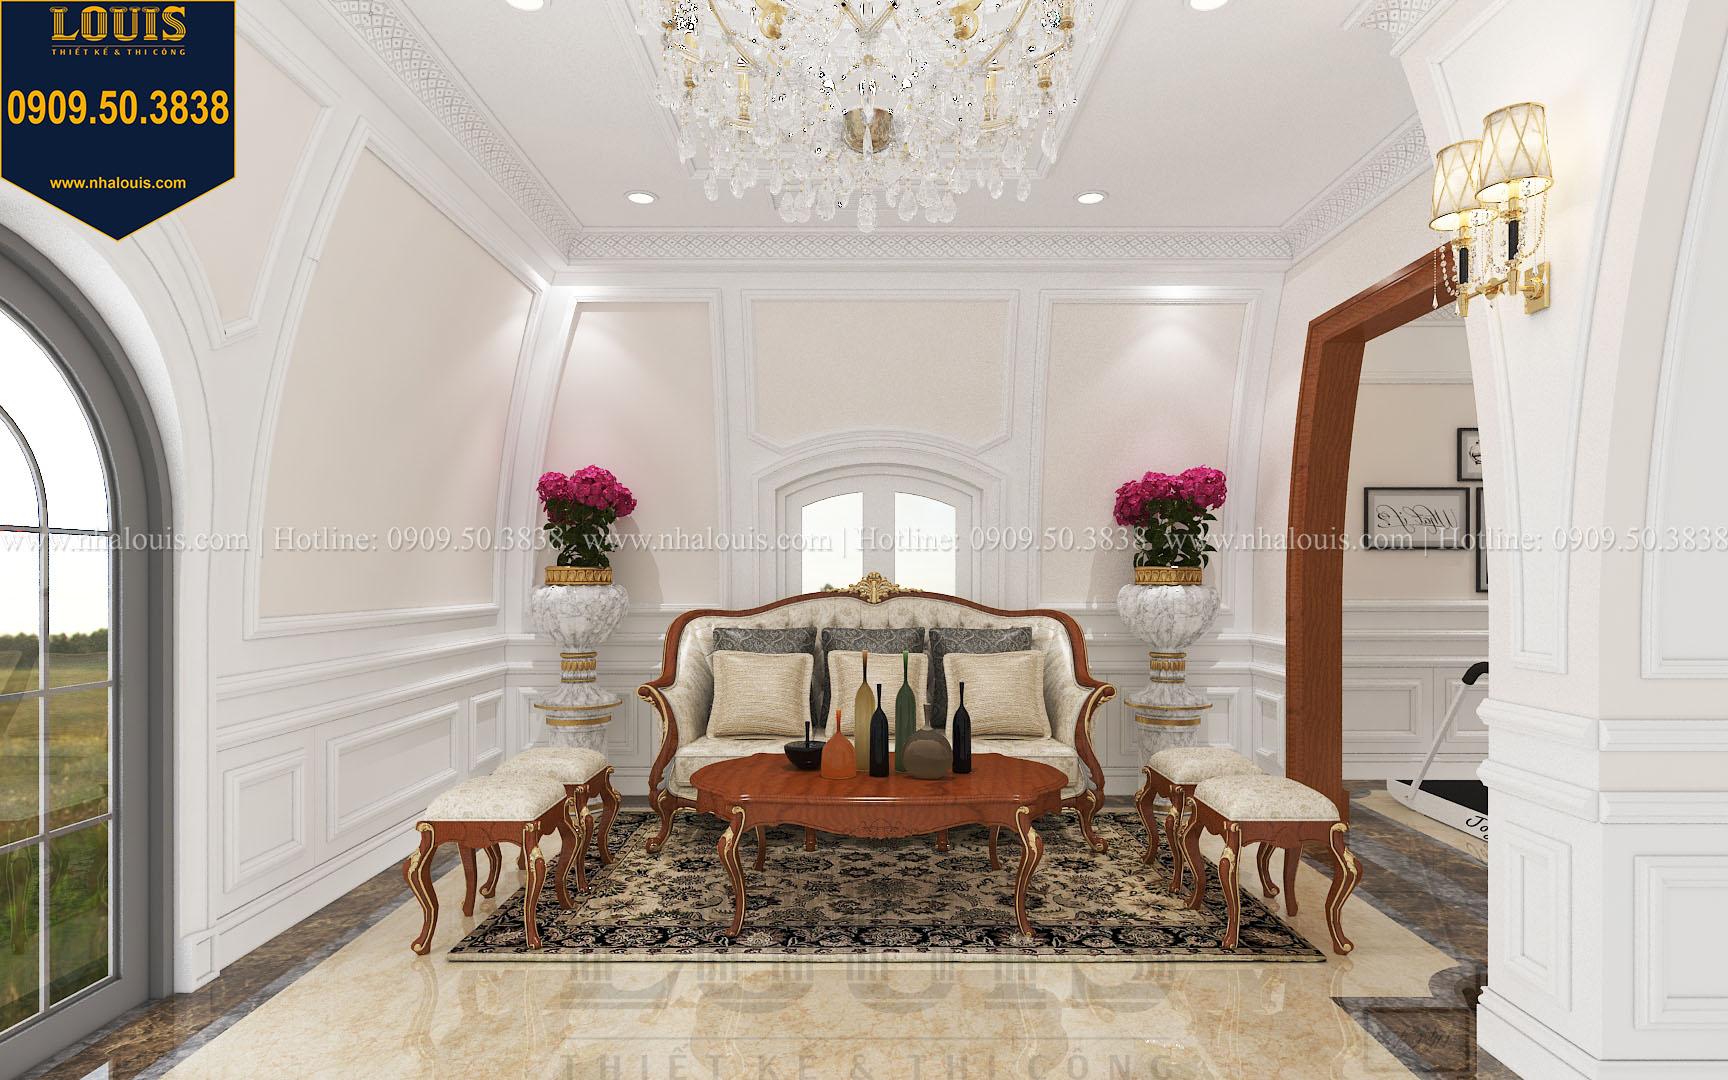 Phòng sinh hoạt chung biệt thự phong cách cổ điển châu Âu - 044